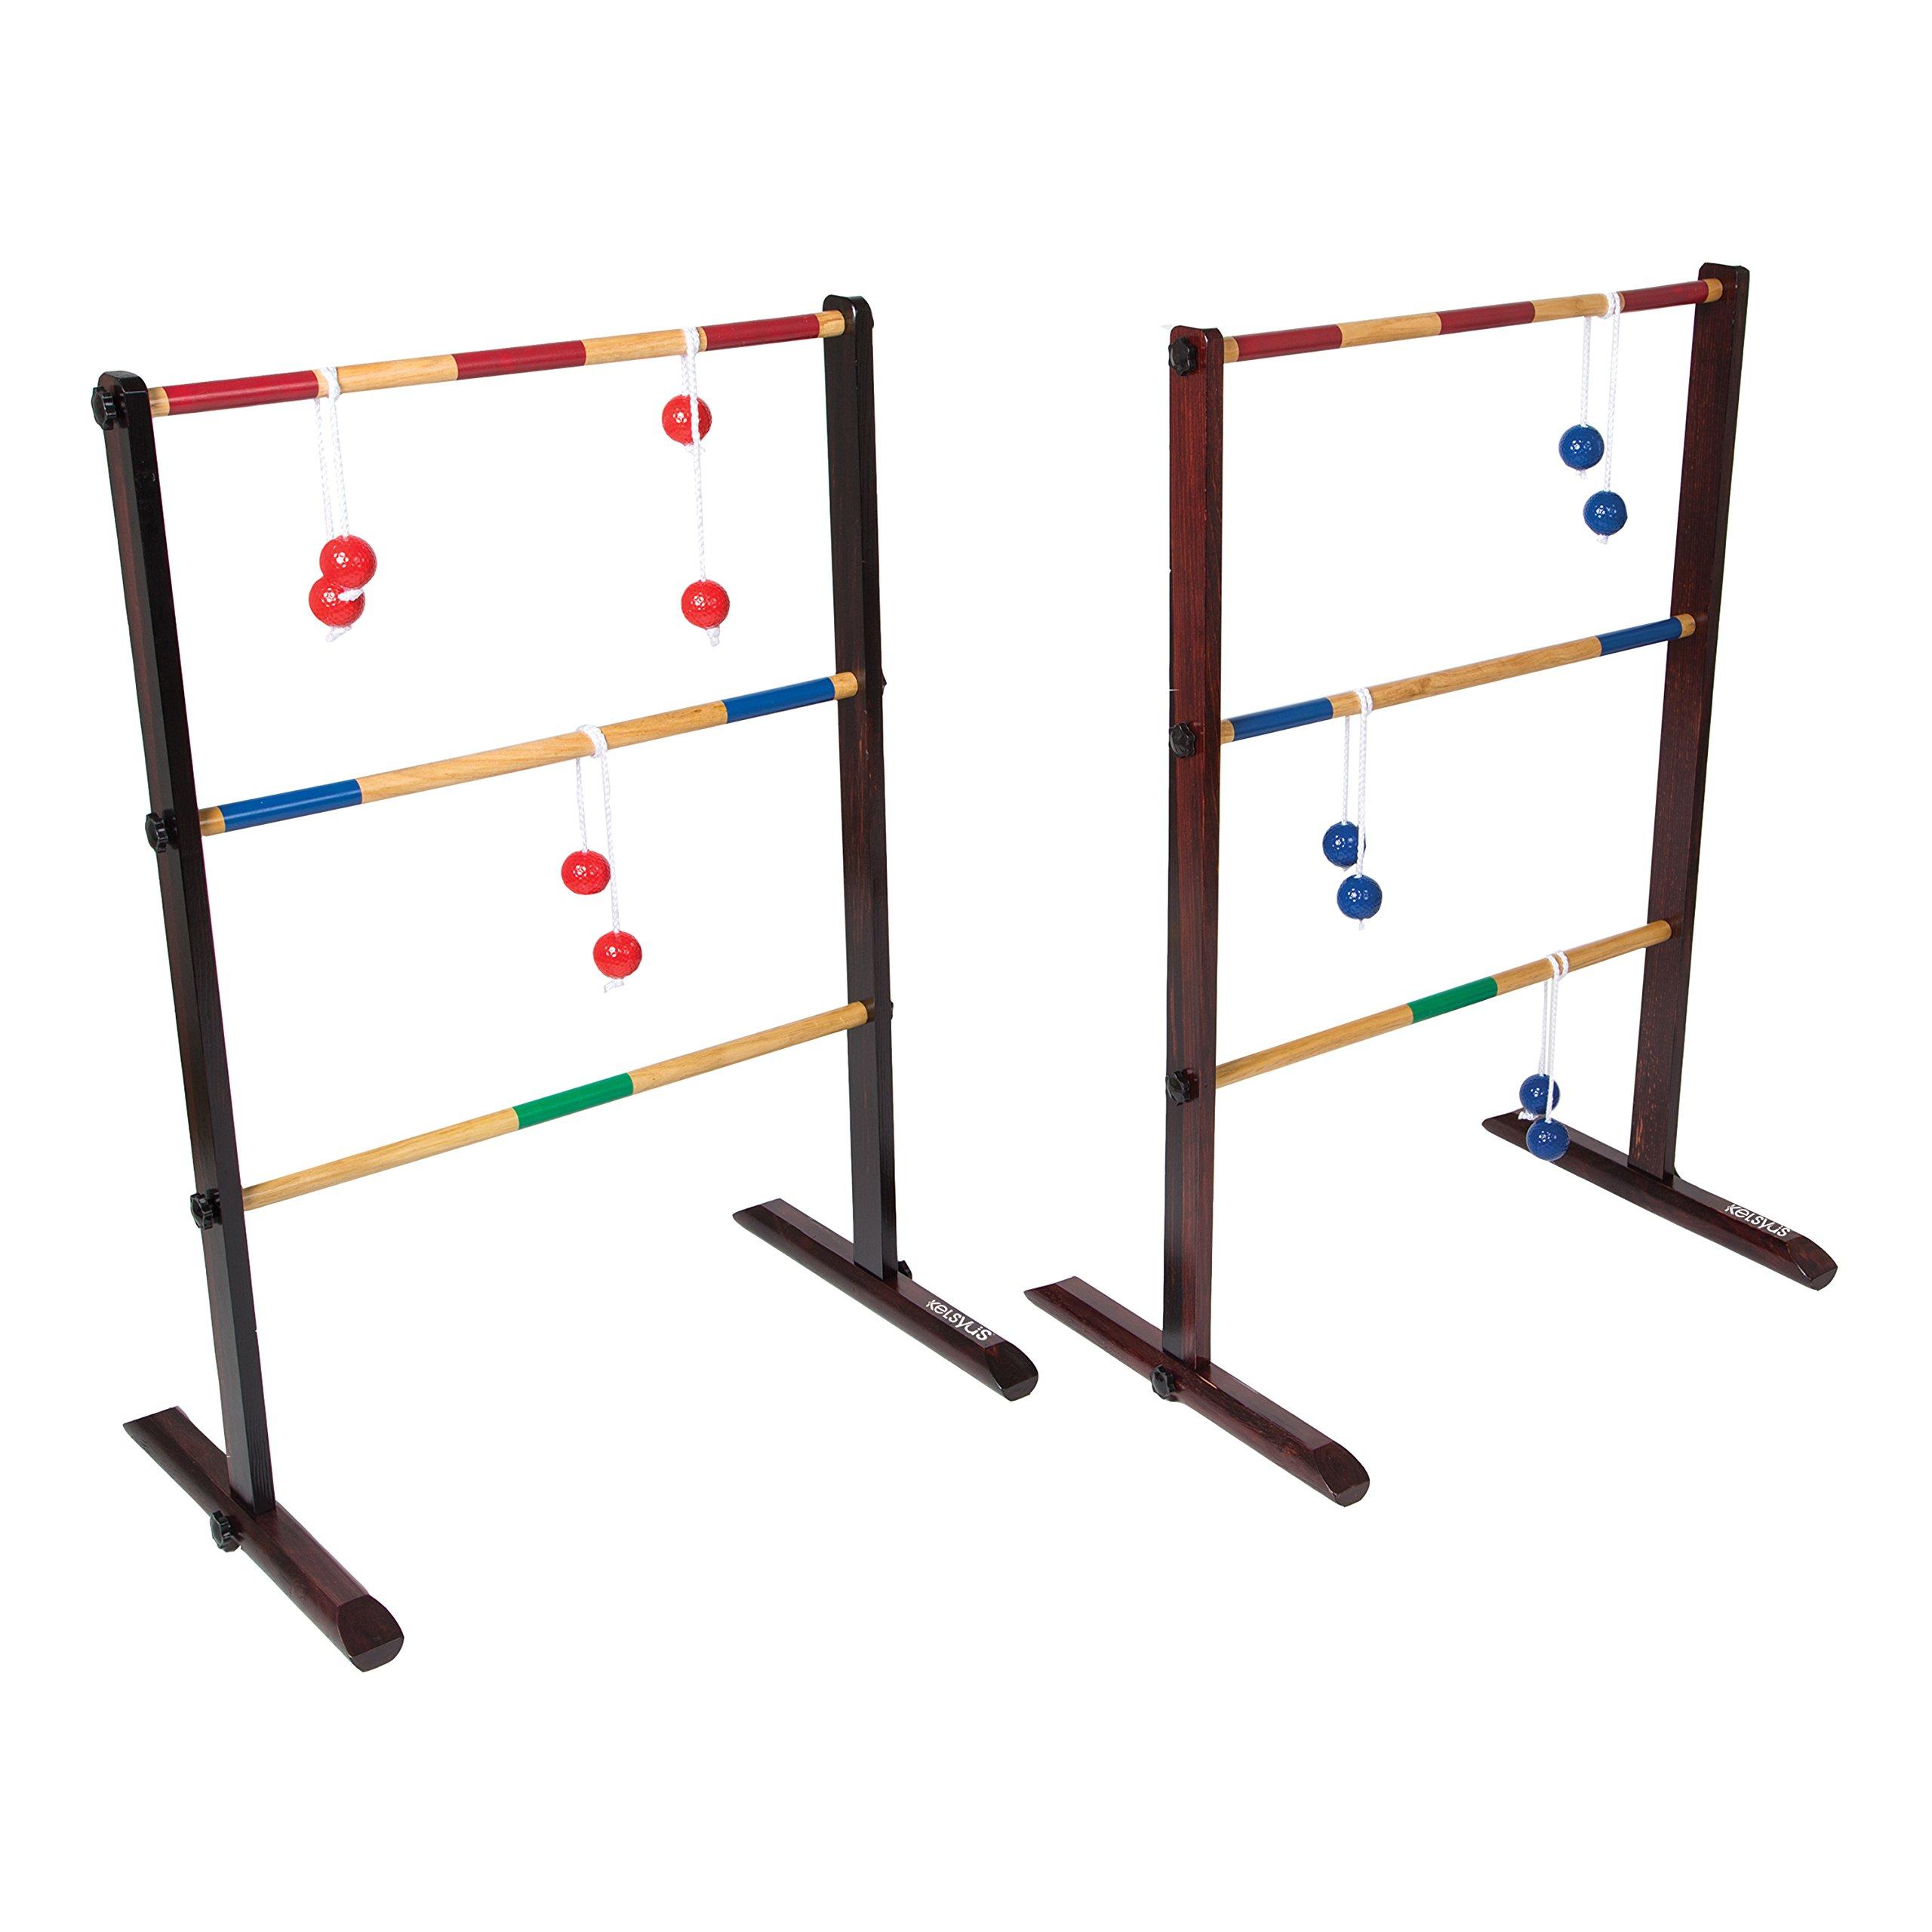 Kelsyus Premium Ladder Ball Game